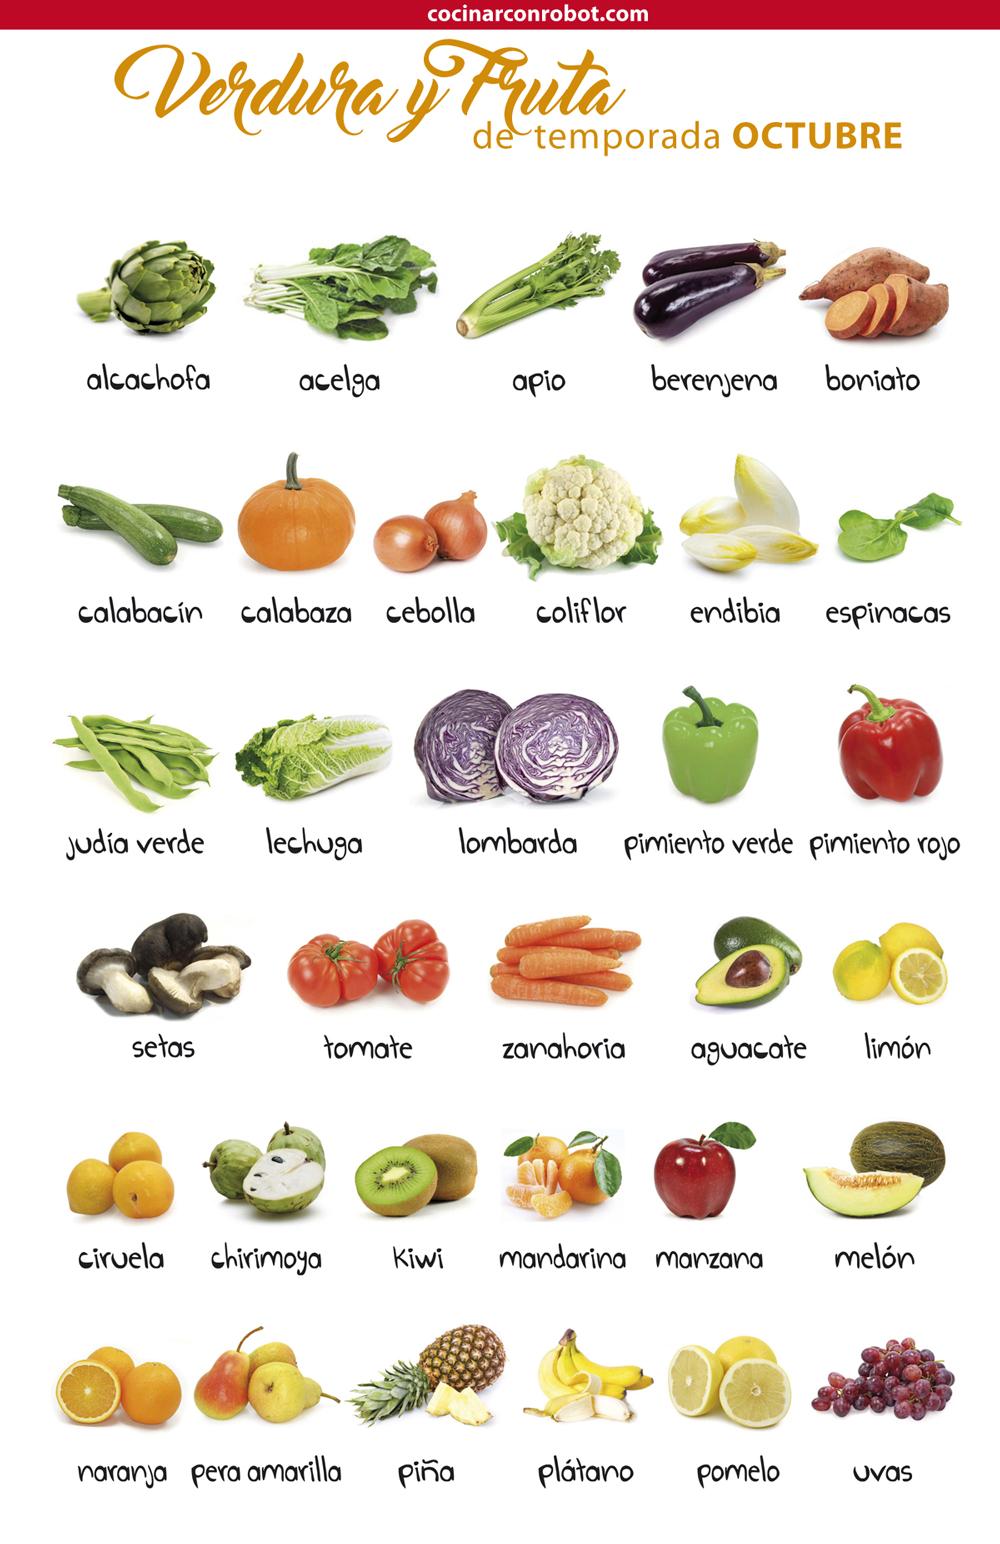 consume fruta y verdura de la temporada. otoño - octubre